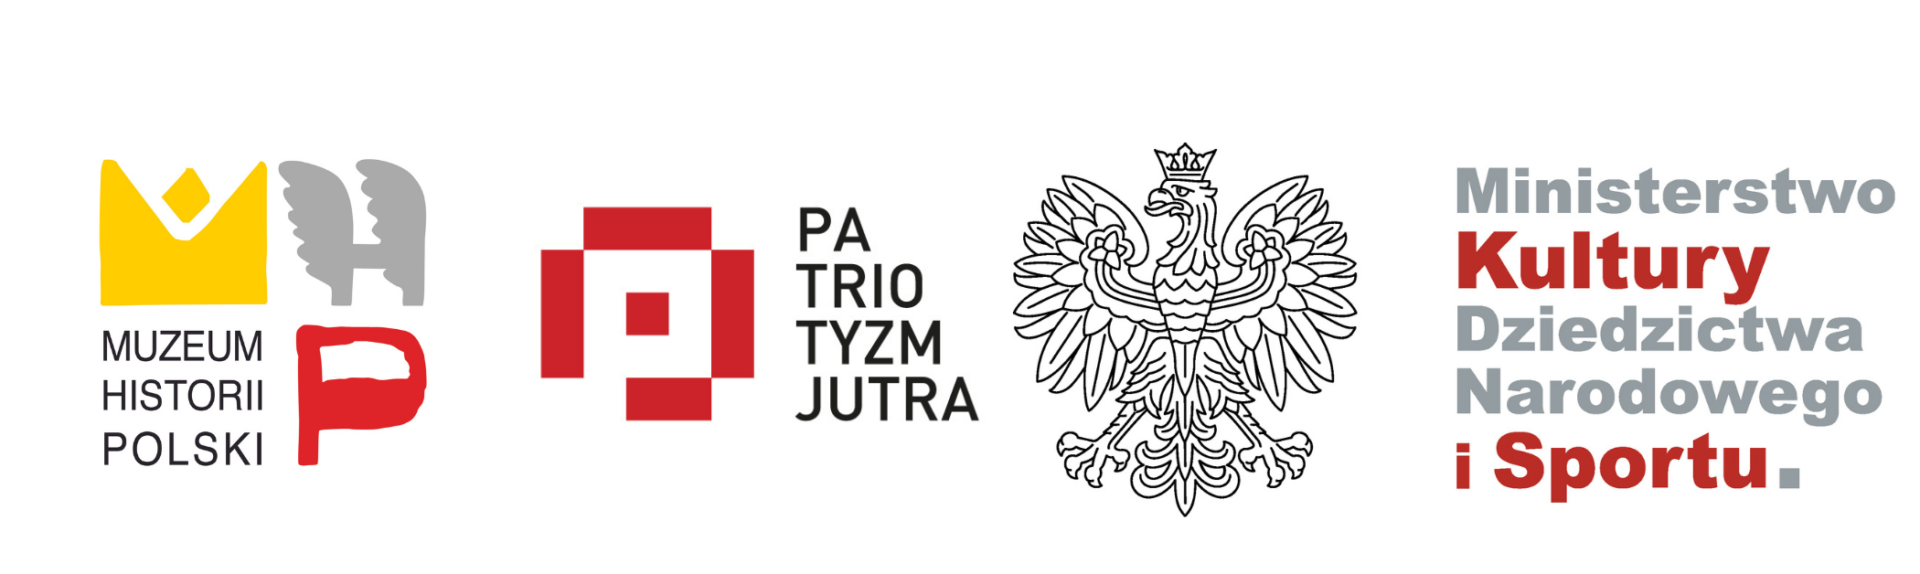 logo muzeum historii polski logo patriotyzmu jutra logo ministerstwa kultury, dziedzictwa isportu